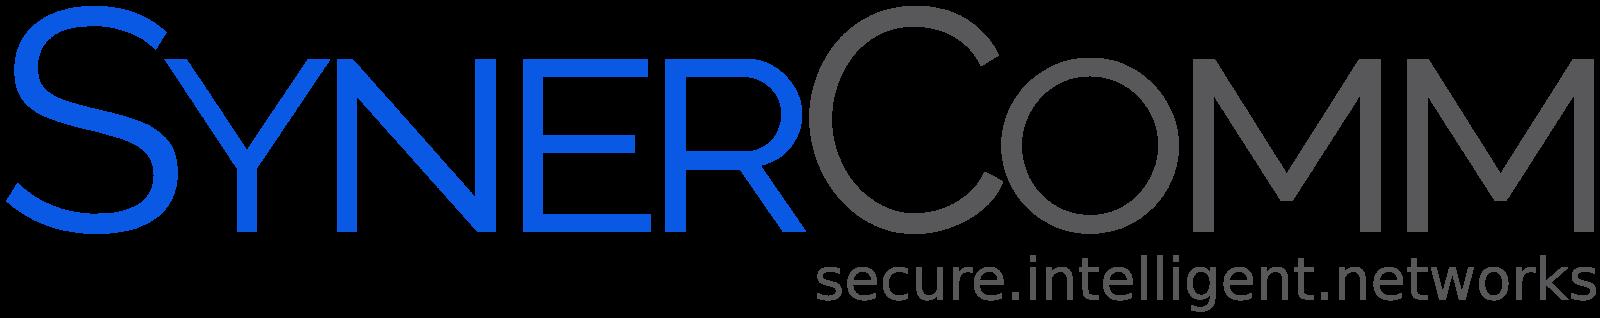 SynerComm logo